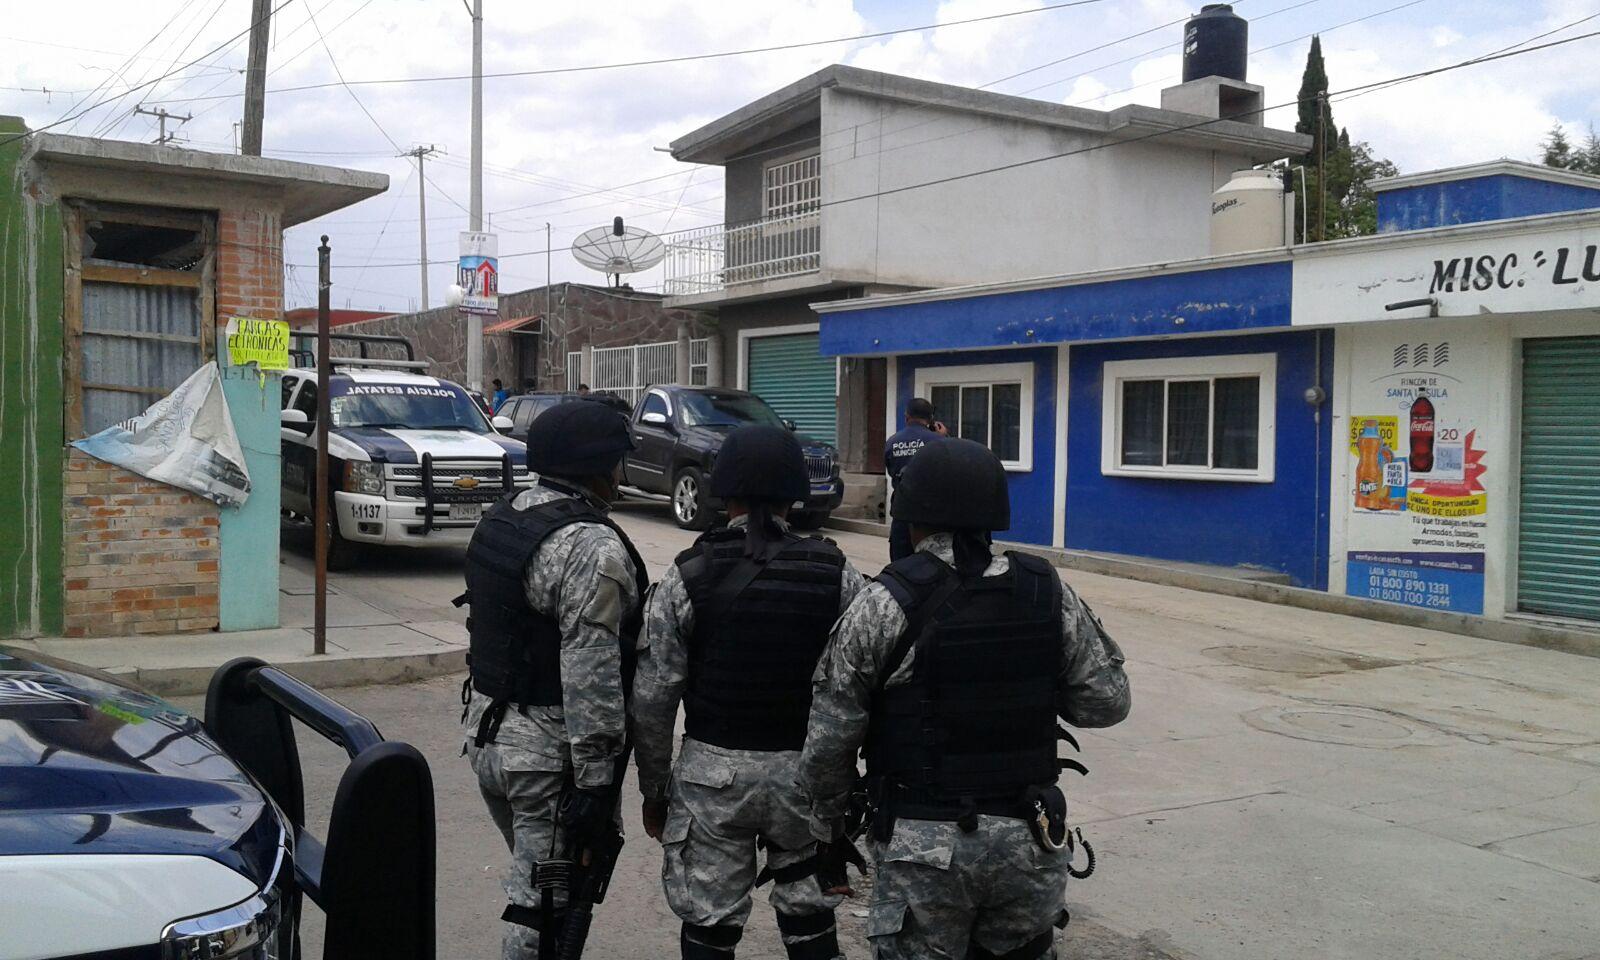 Presunto secuestro genera mega movilización policiaca